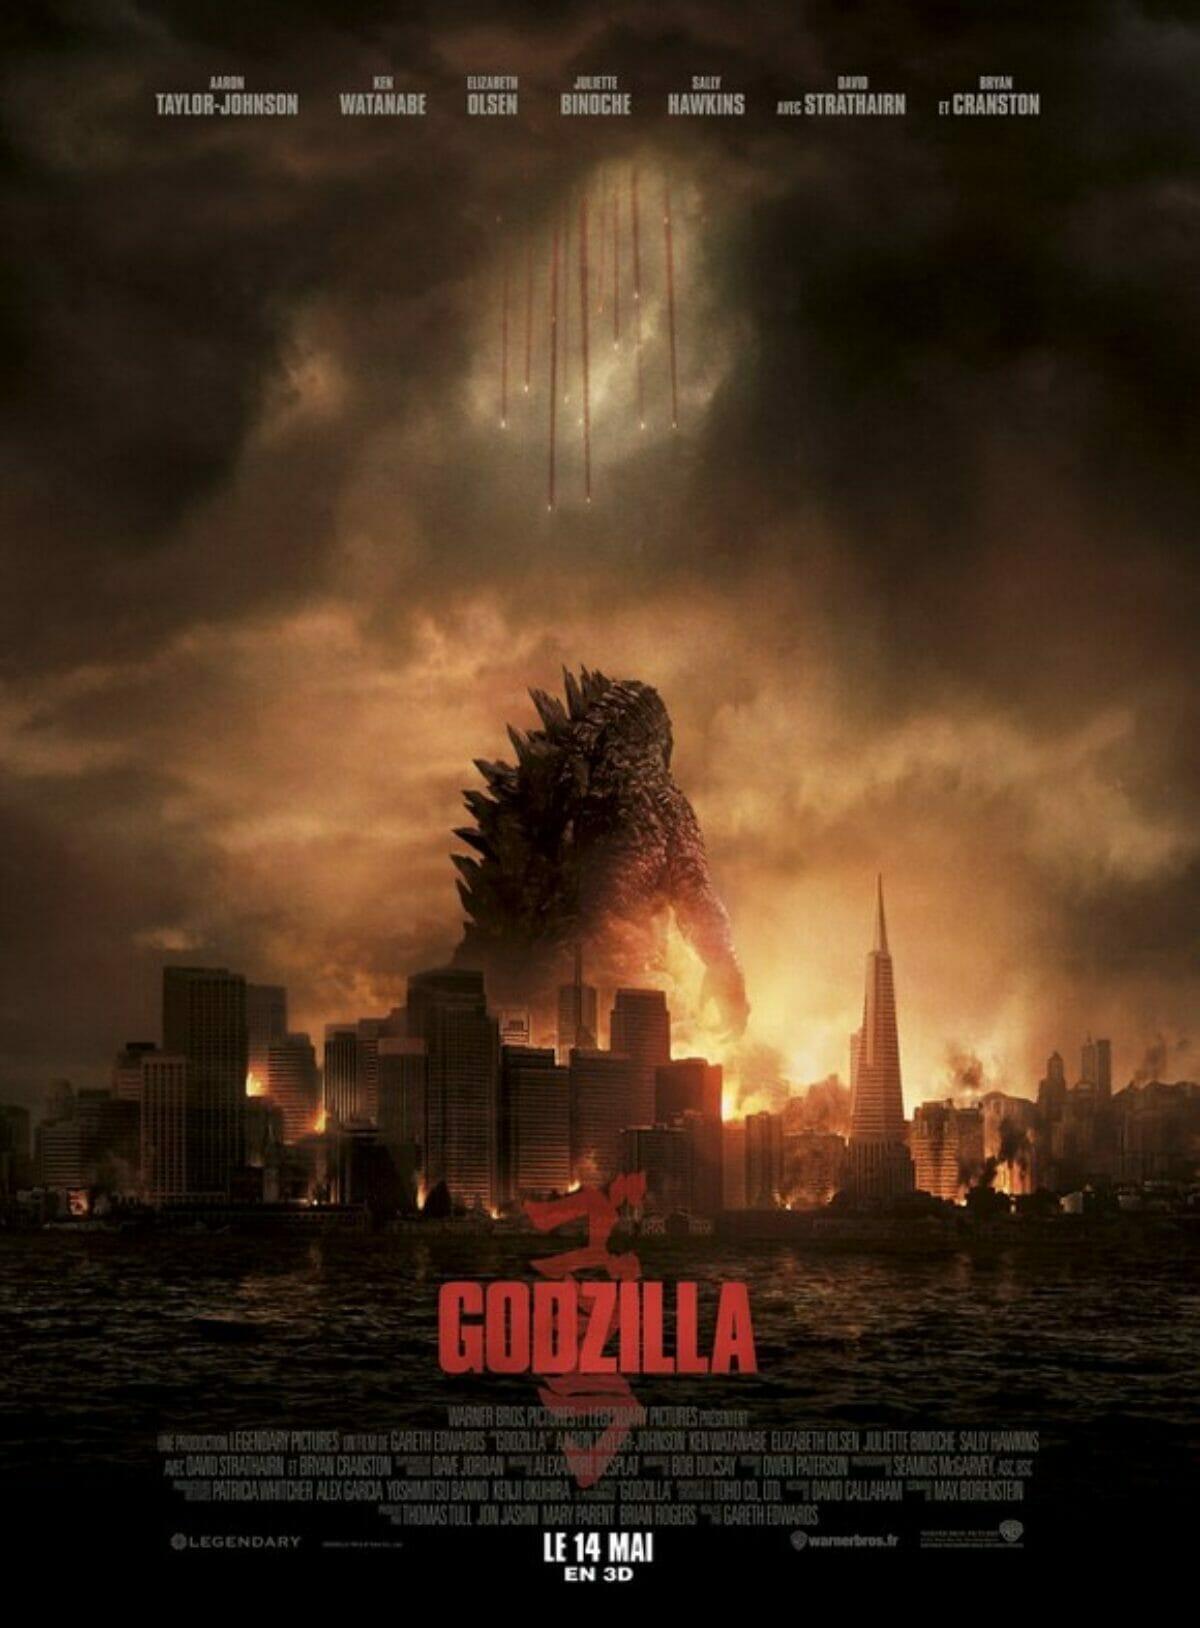 Godzilla-affiche-France